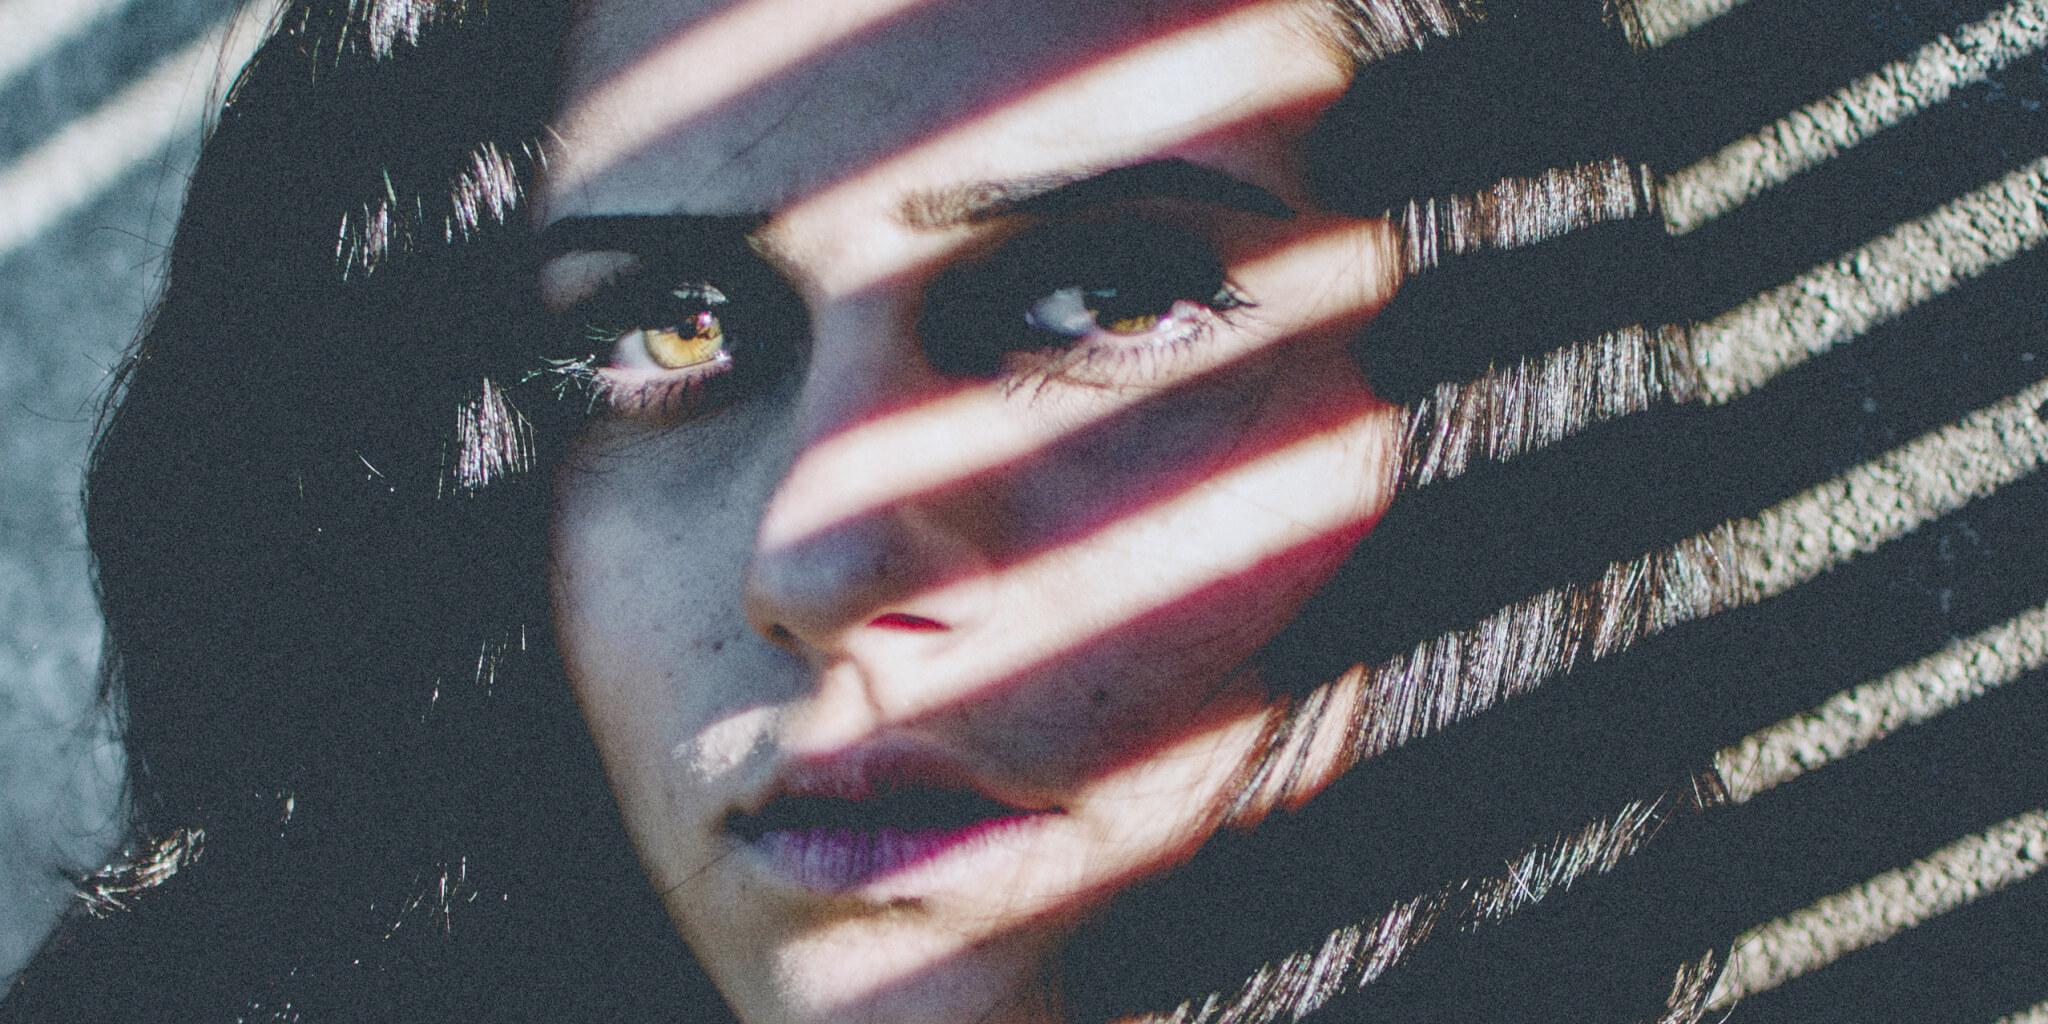 Dicas de fotografia - Sombras